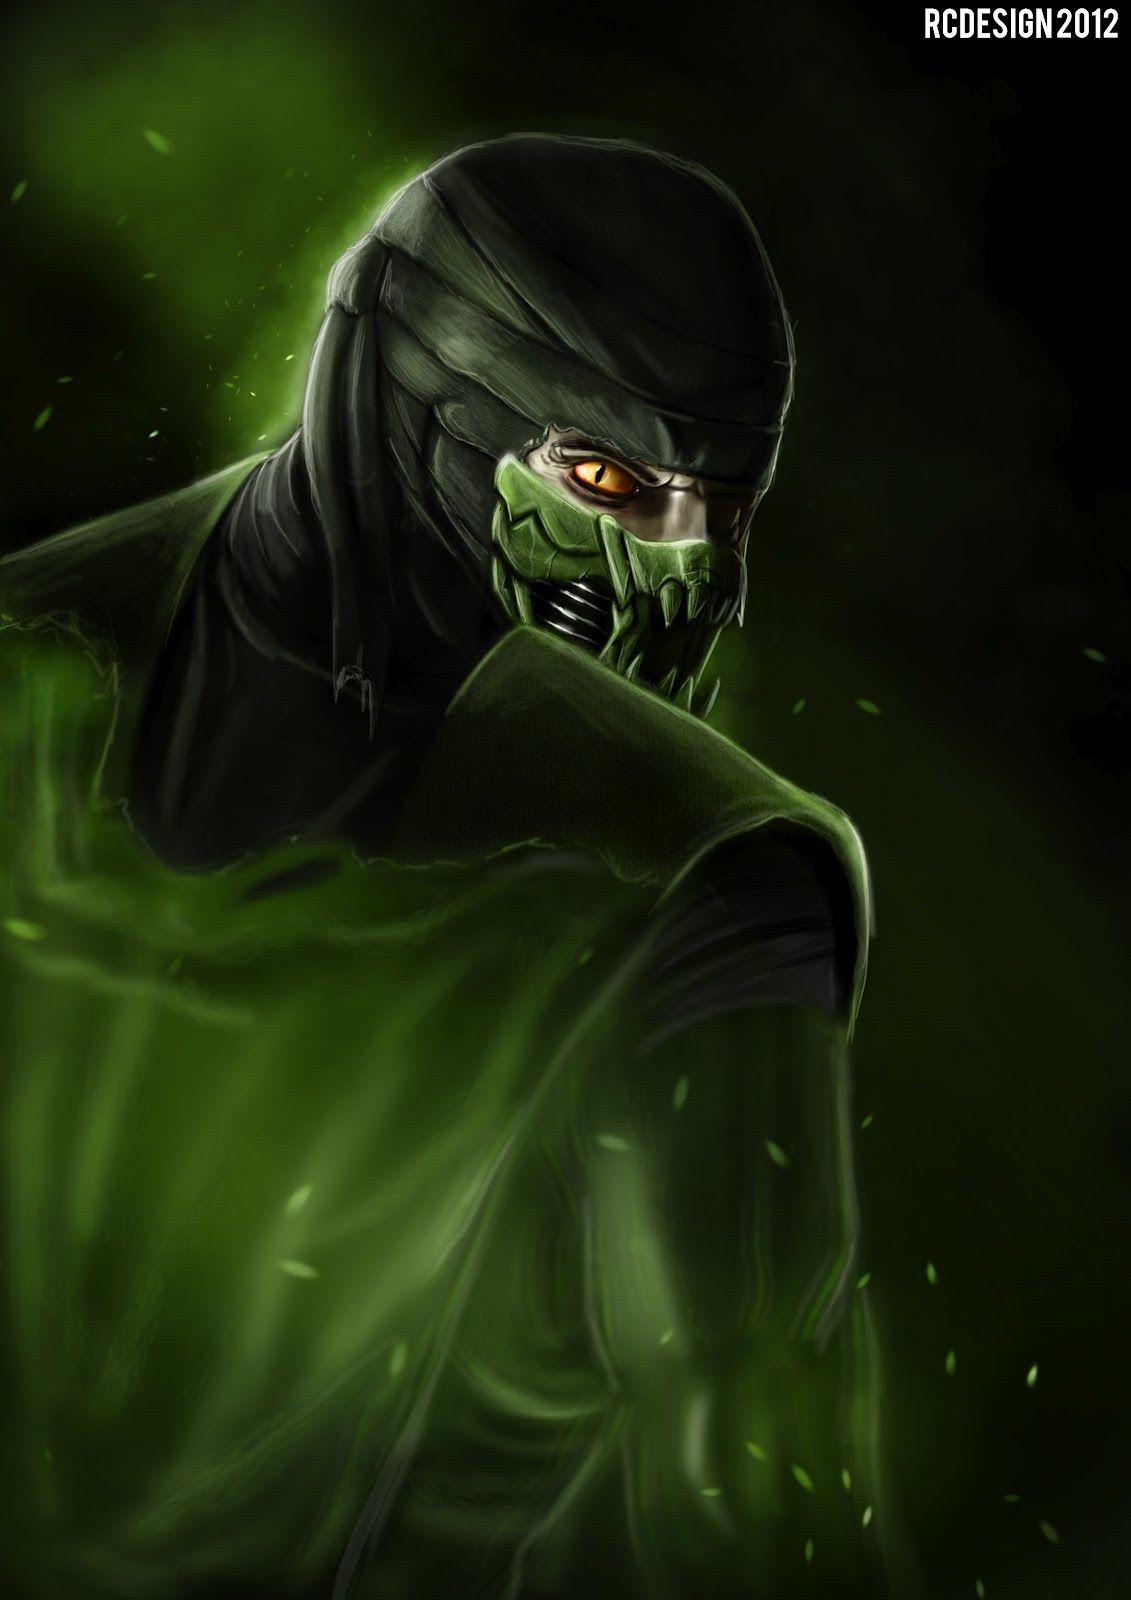 Reptile Gamer Zone Mortal kombat Reptile mortal kombat 1131x1600